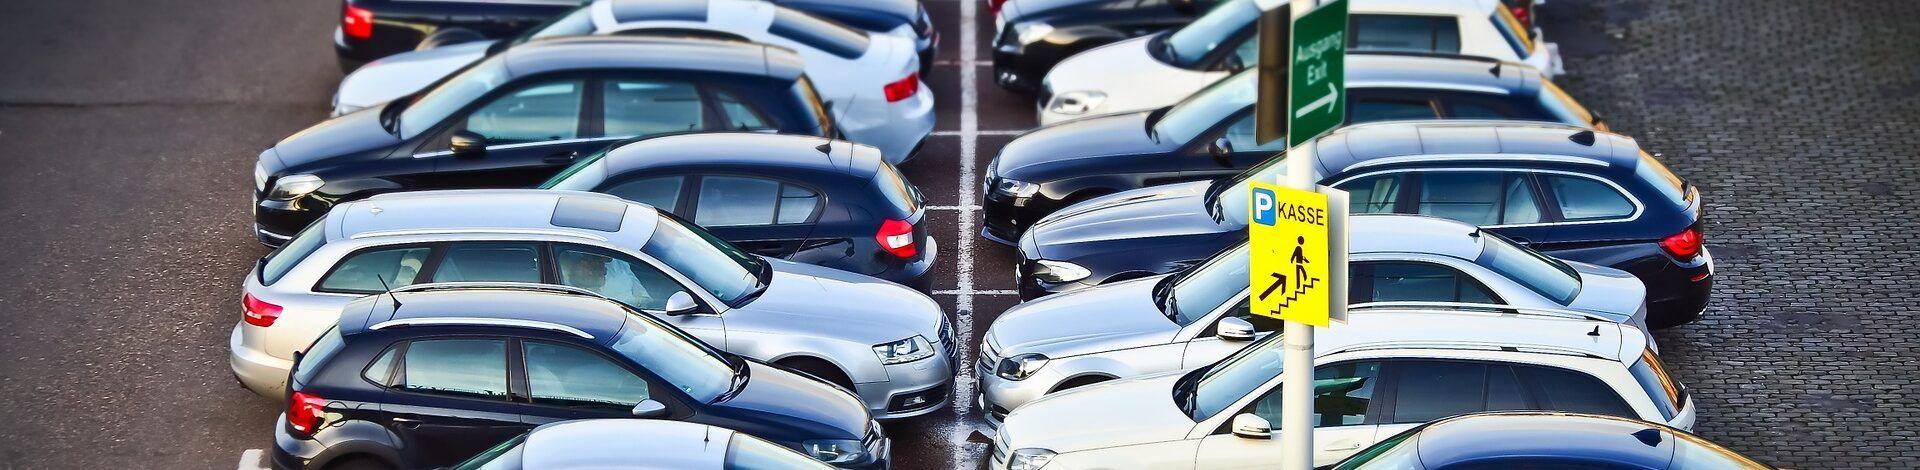 sensores-de-aparcamiento